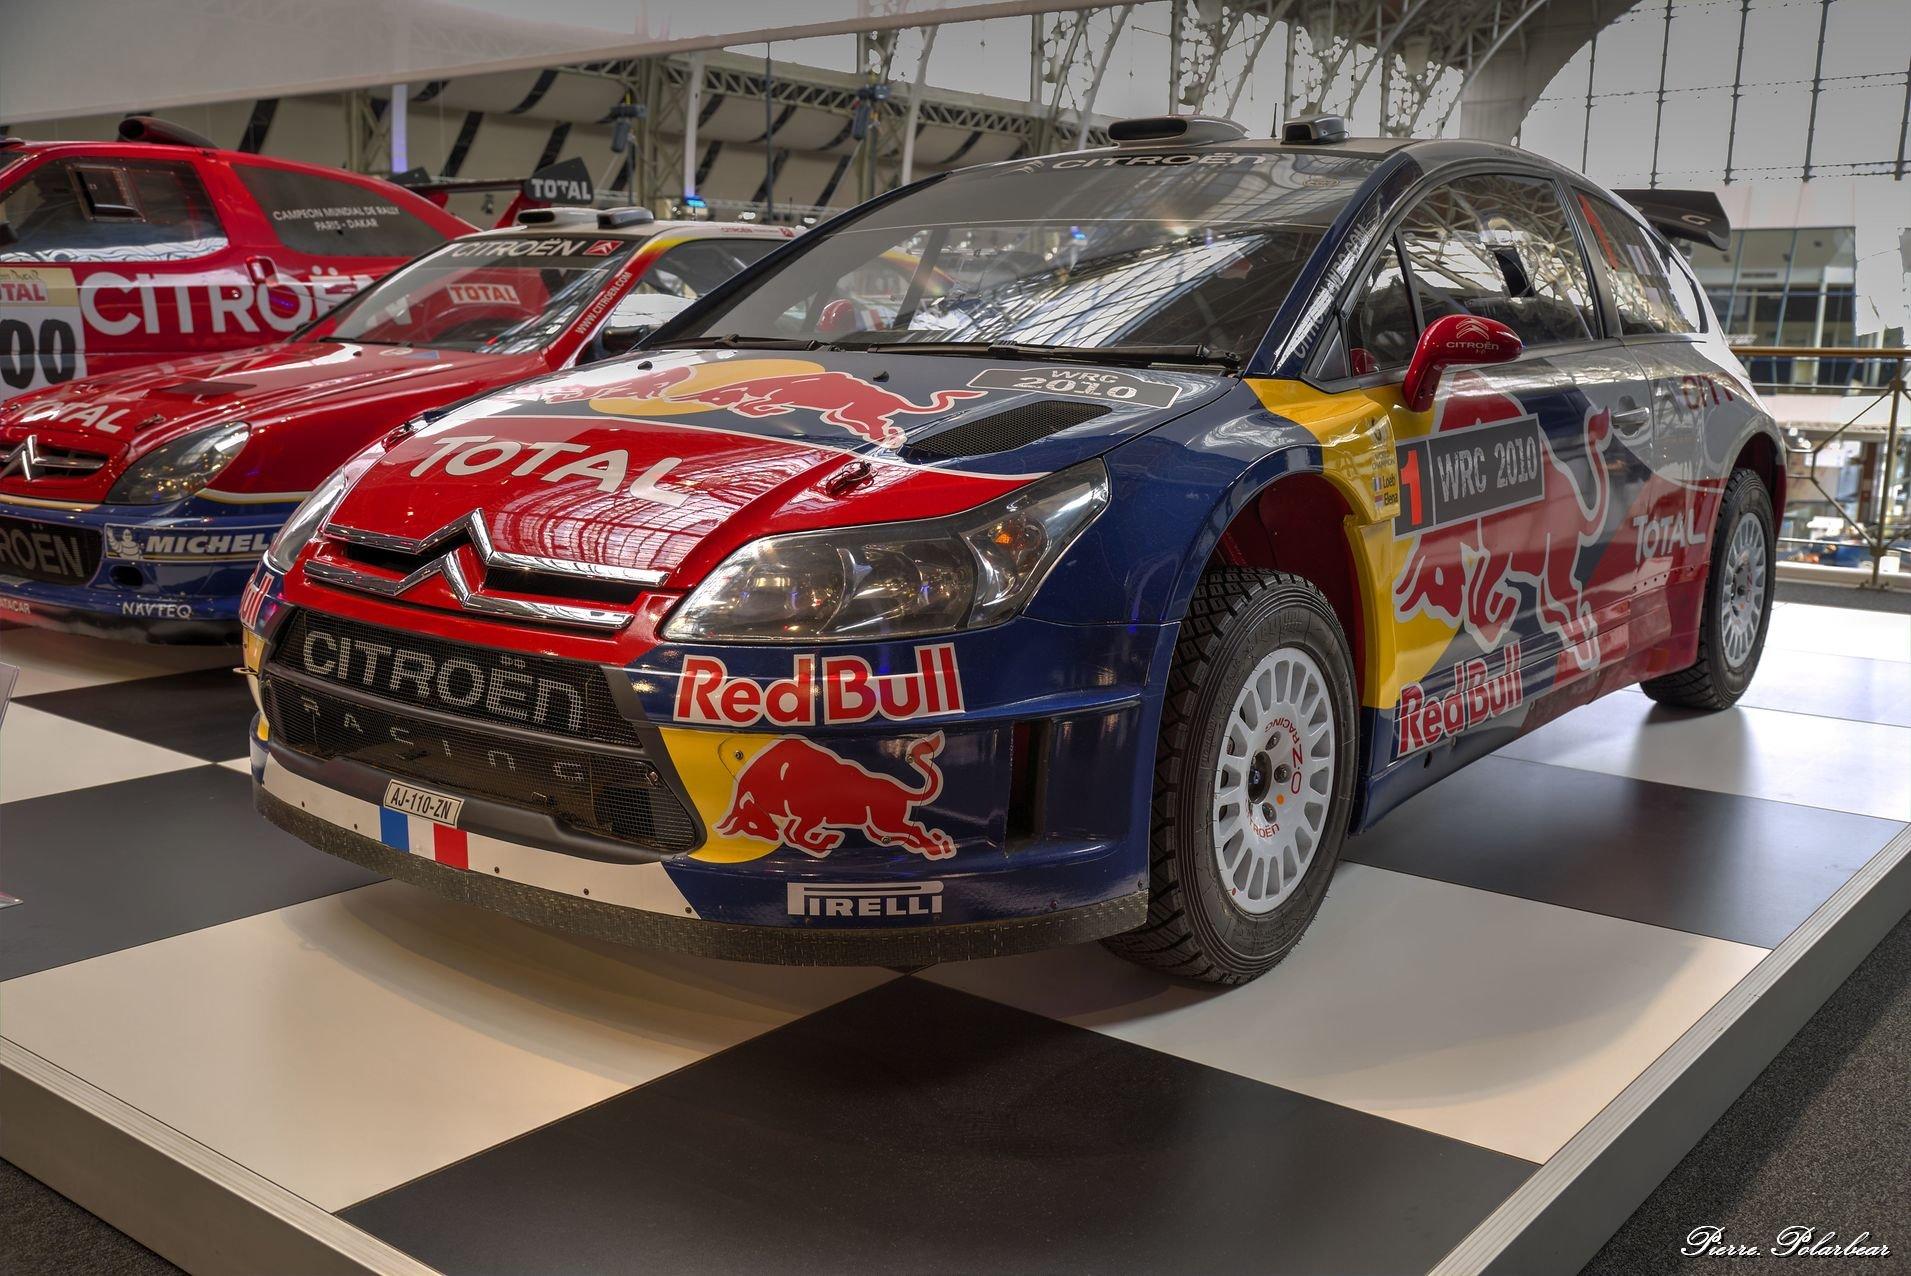 2010-CITROEN-C4-WRC-01